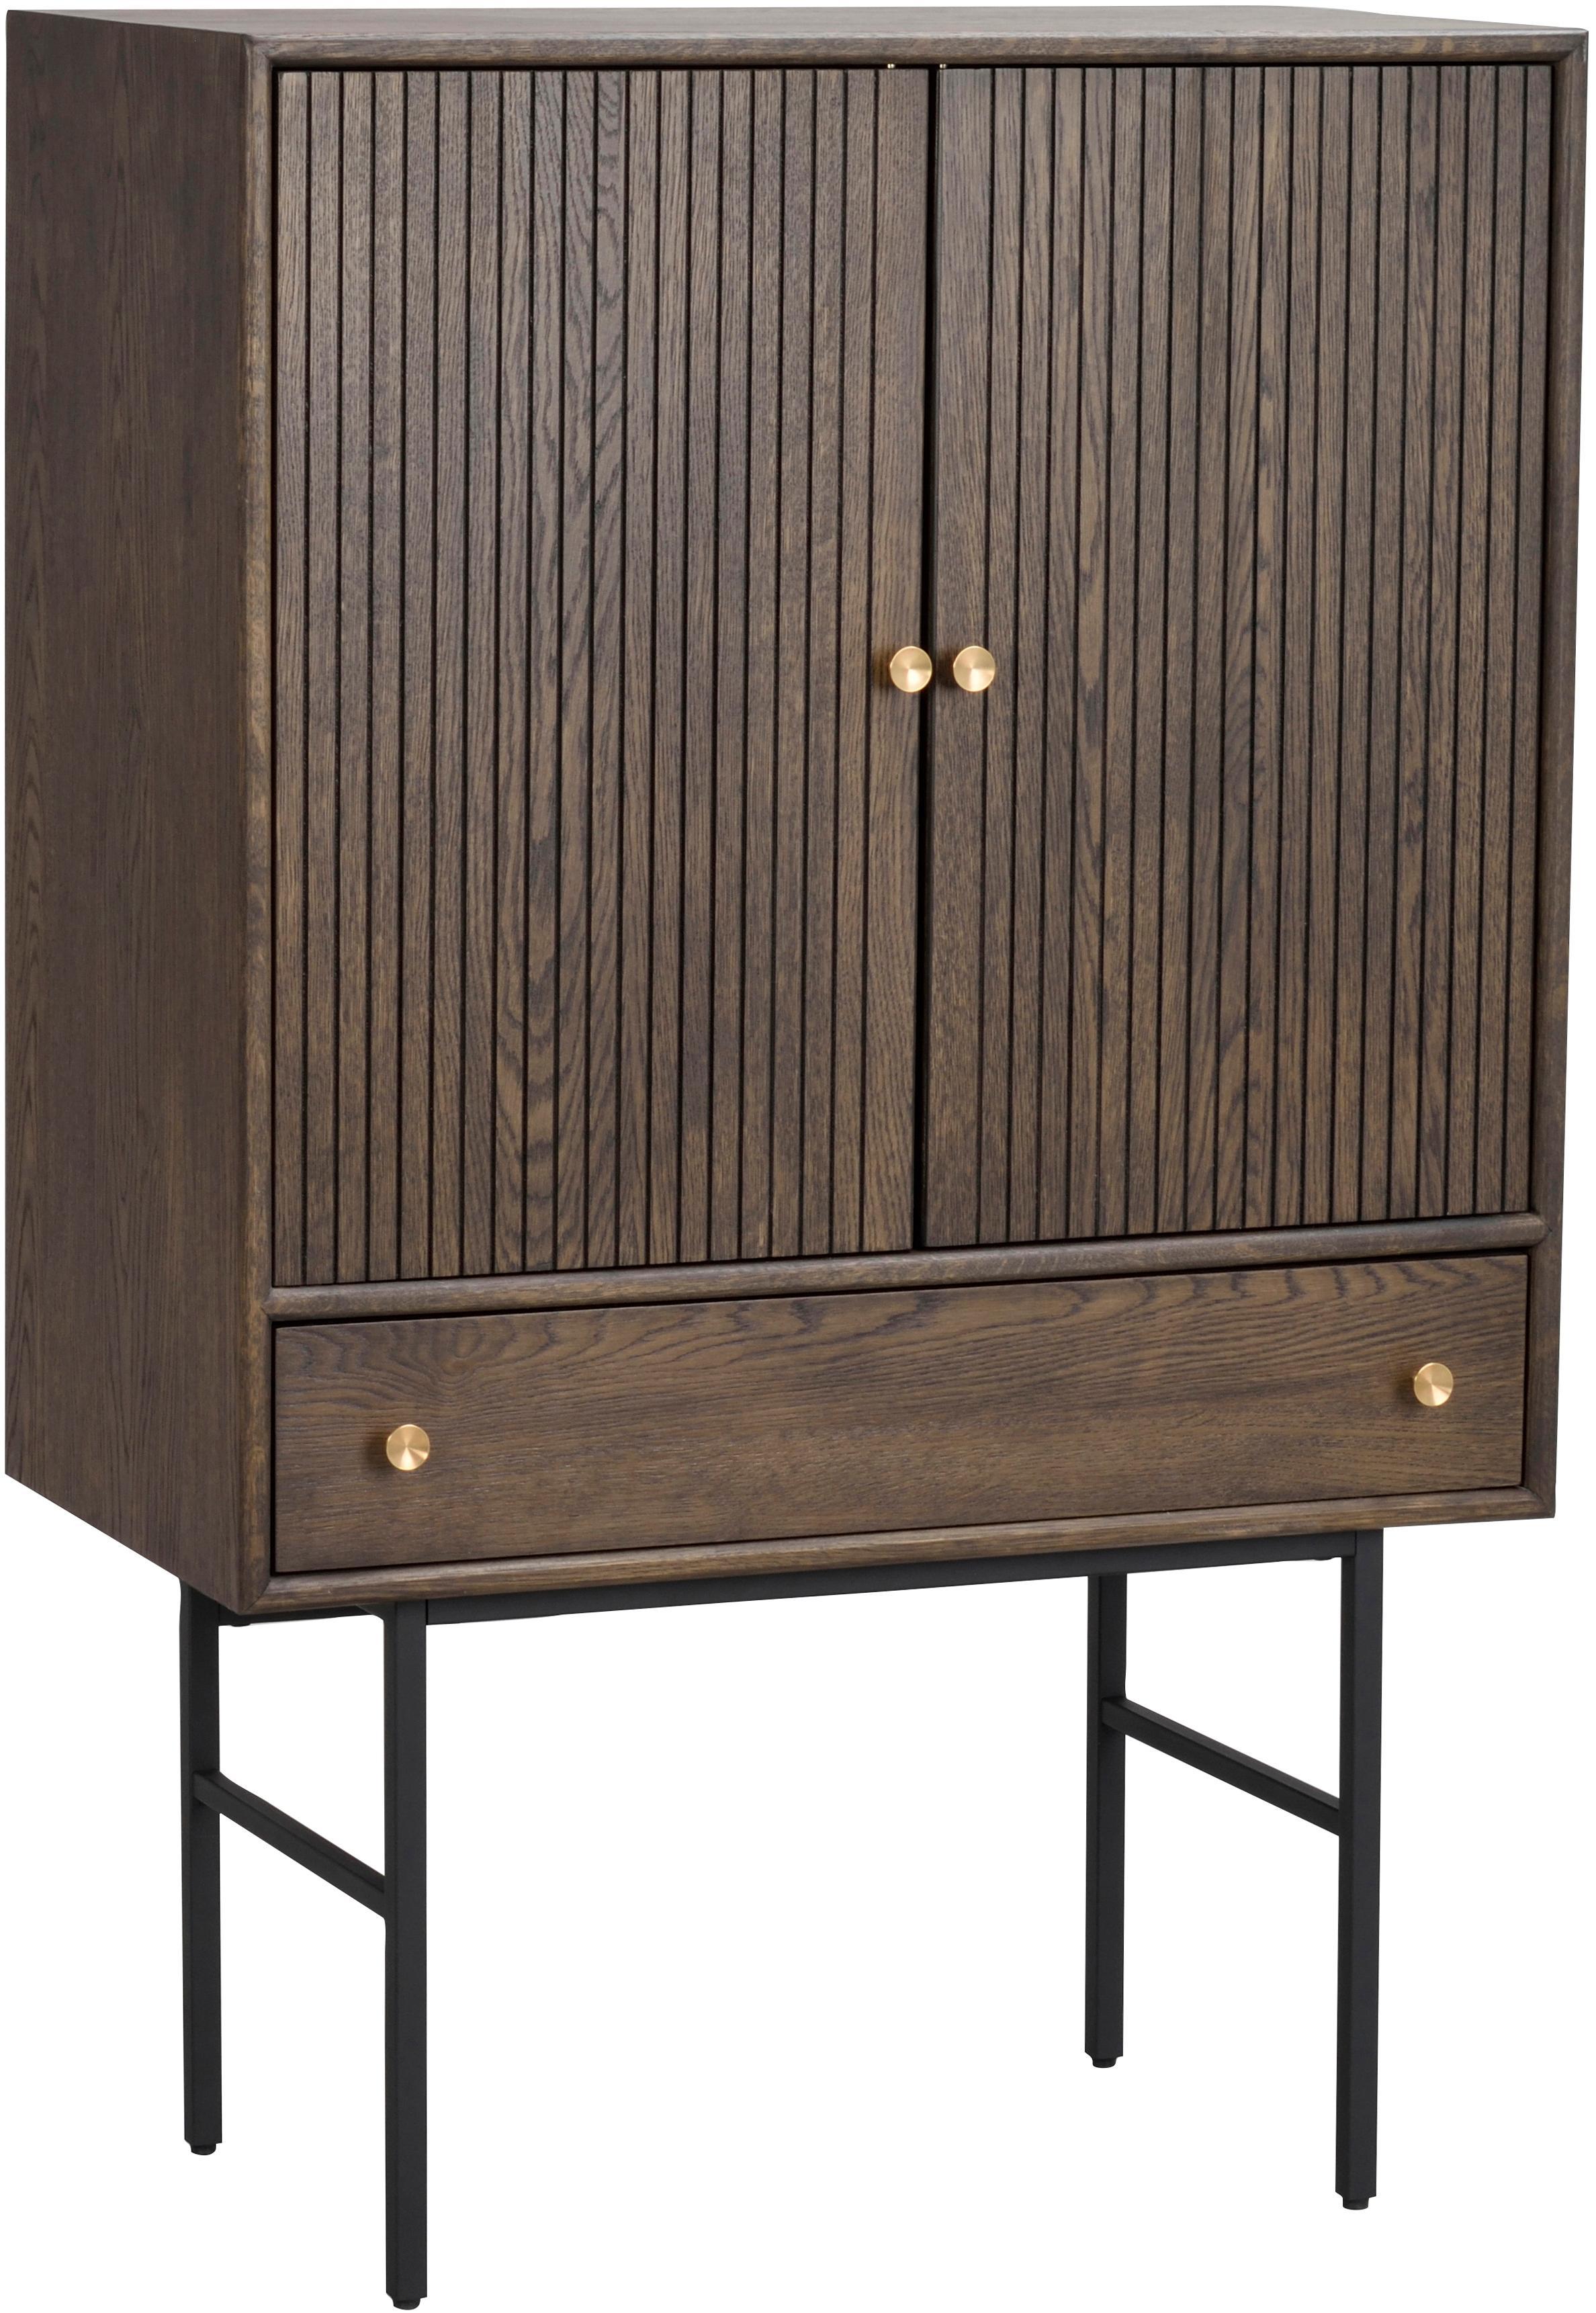 Highboard Clearbrook mit 2 Türen, Korpus: Mitteldichte Holzfaserpla, Beine: Metall, pulverbeschichtet, Braun, Schwarz, 79 x 125 cm